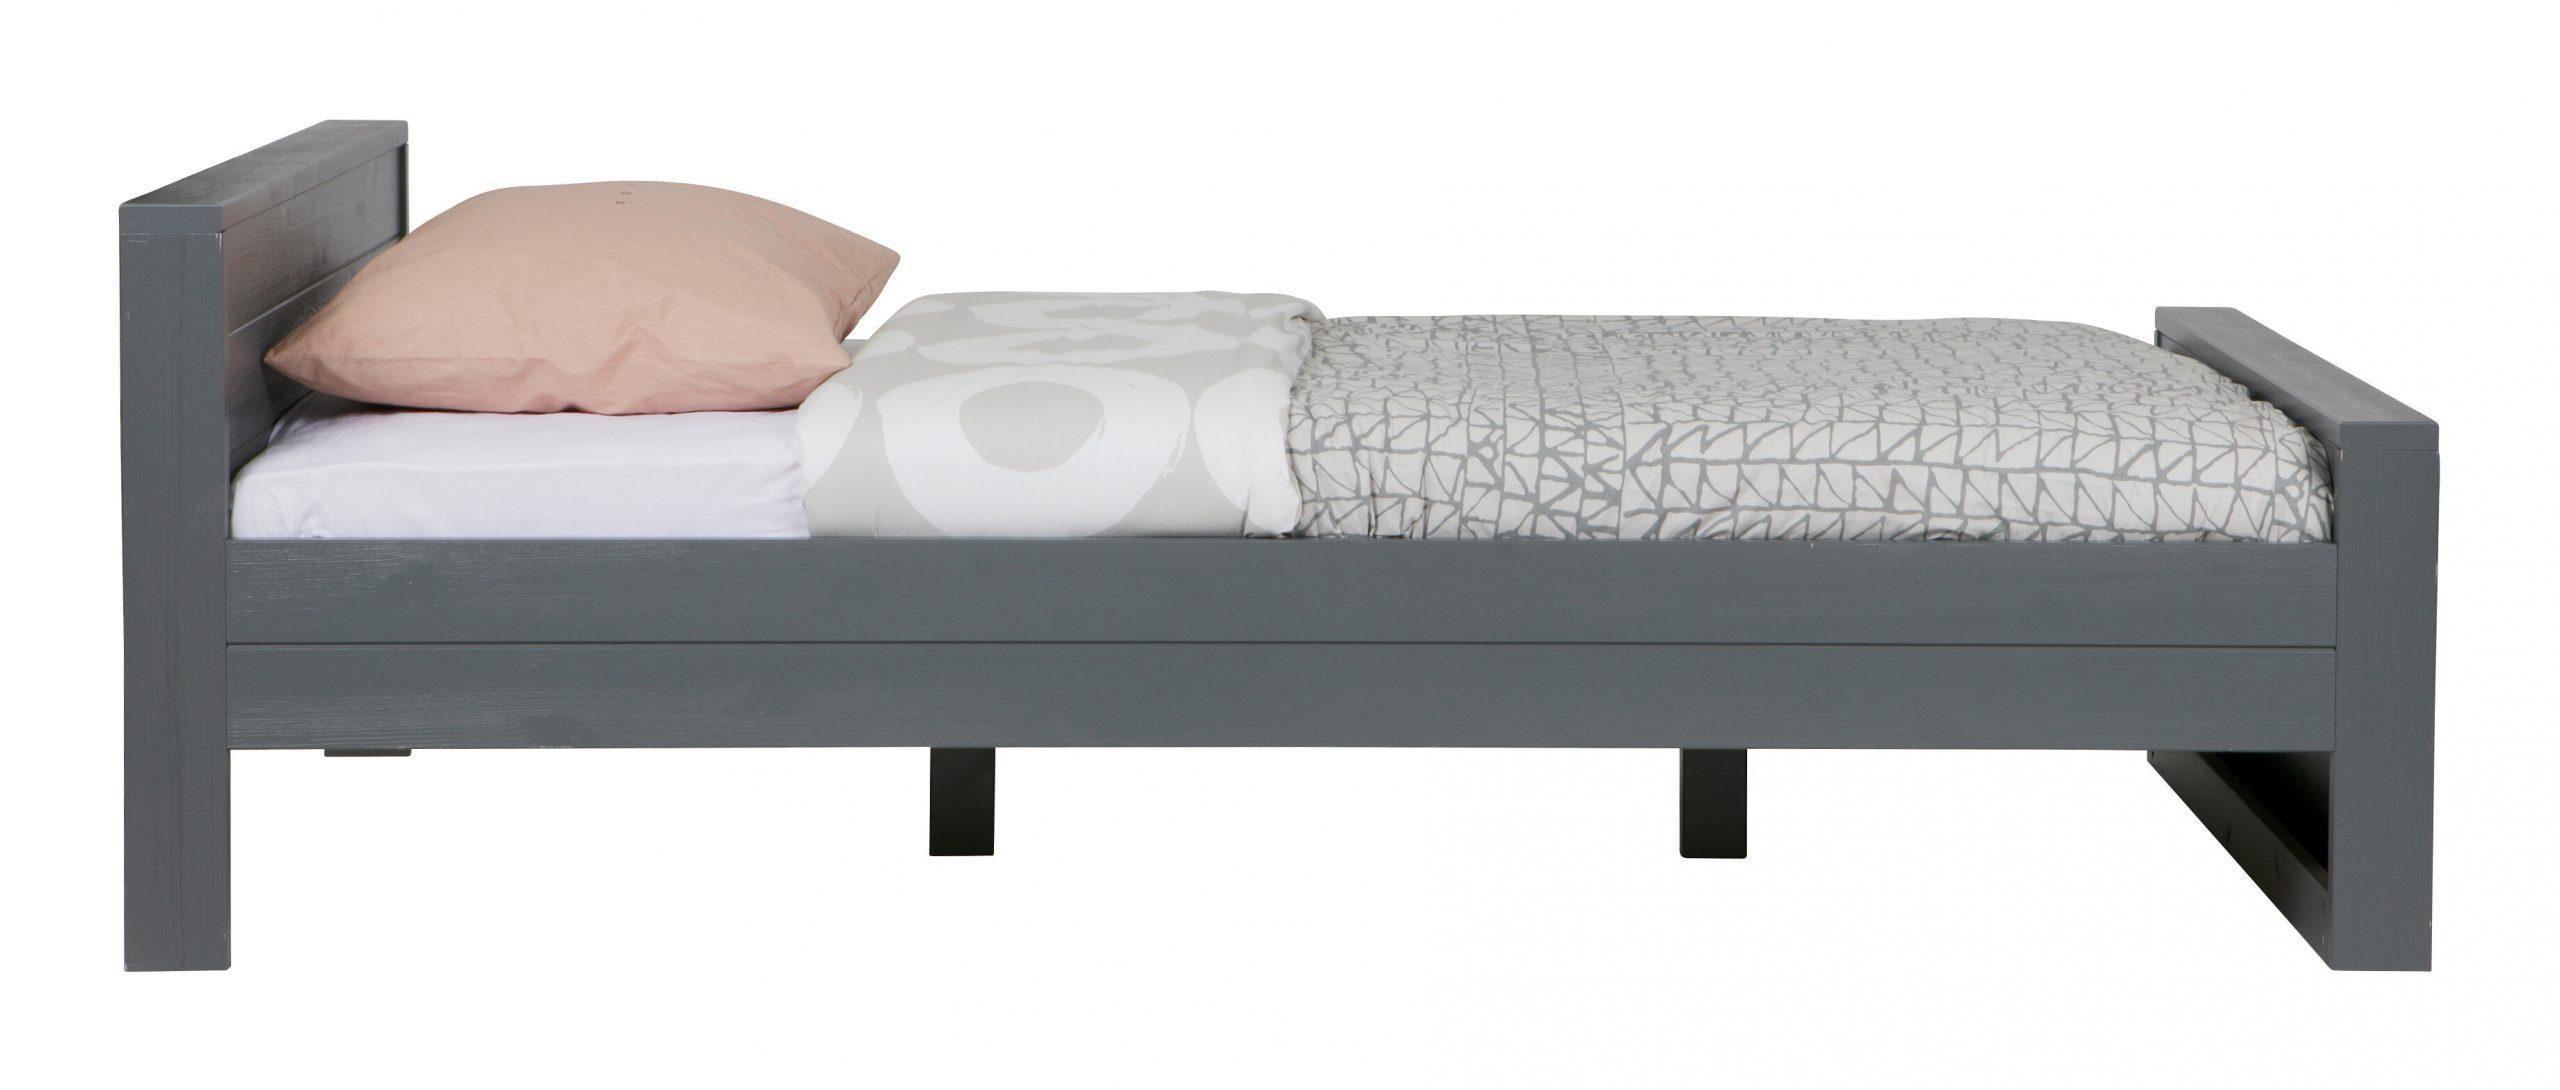 WOOOD Bed 'Dennis' 120 x 200cm, kleur Steel grey | WOOOD